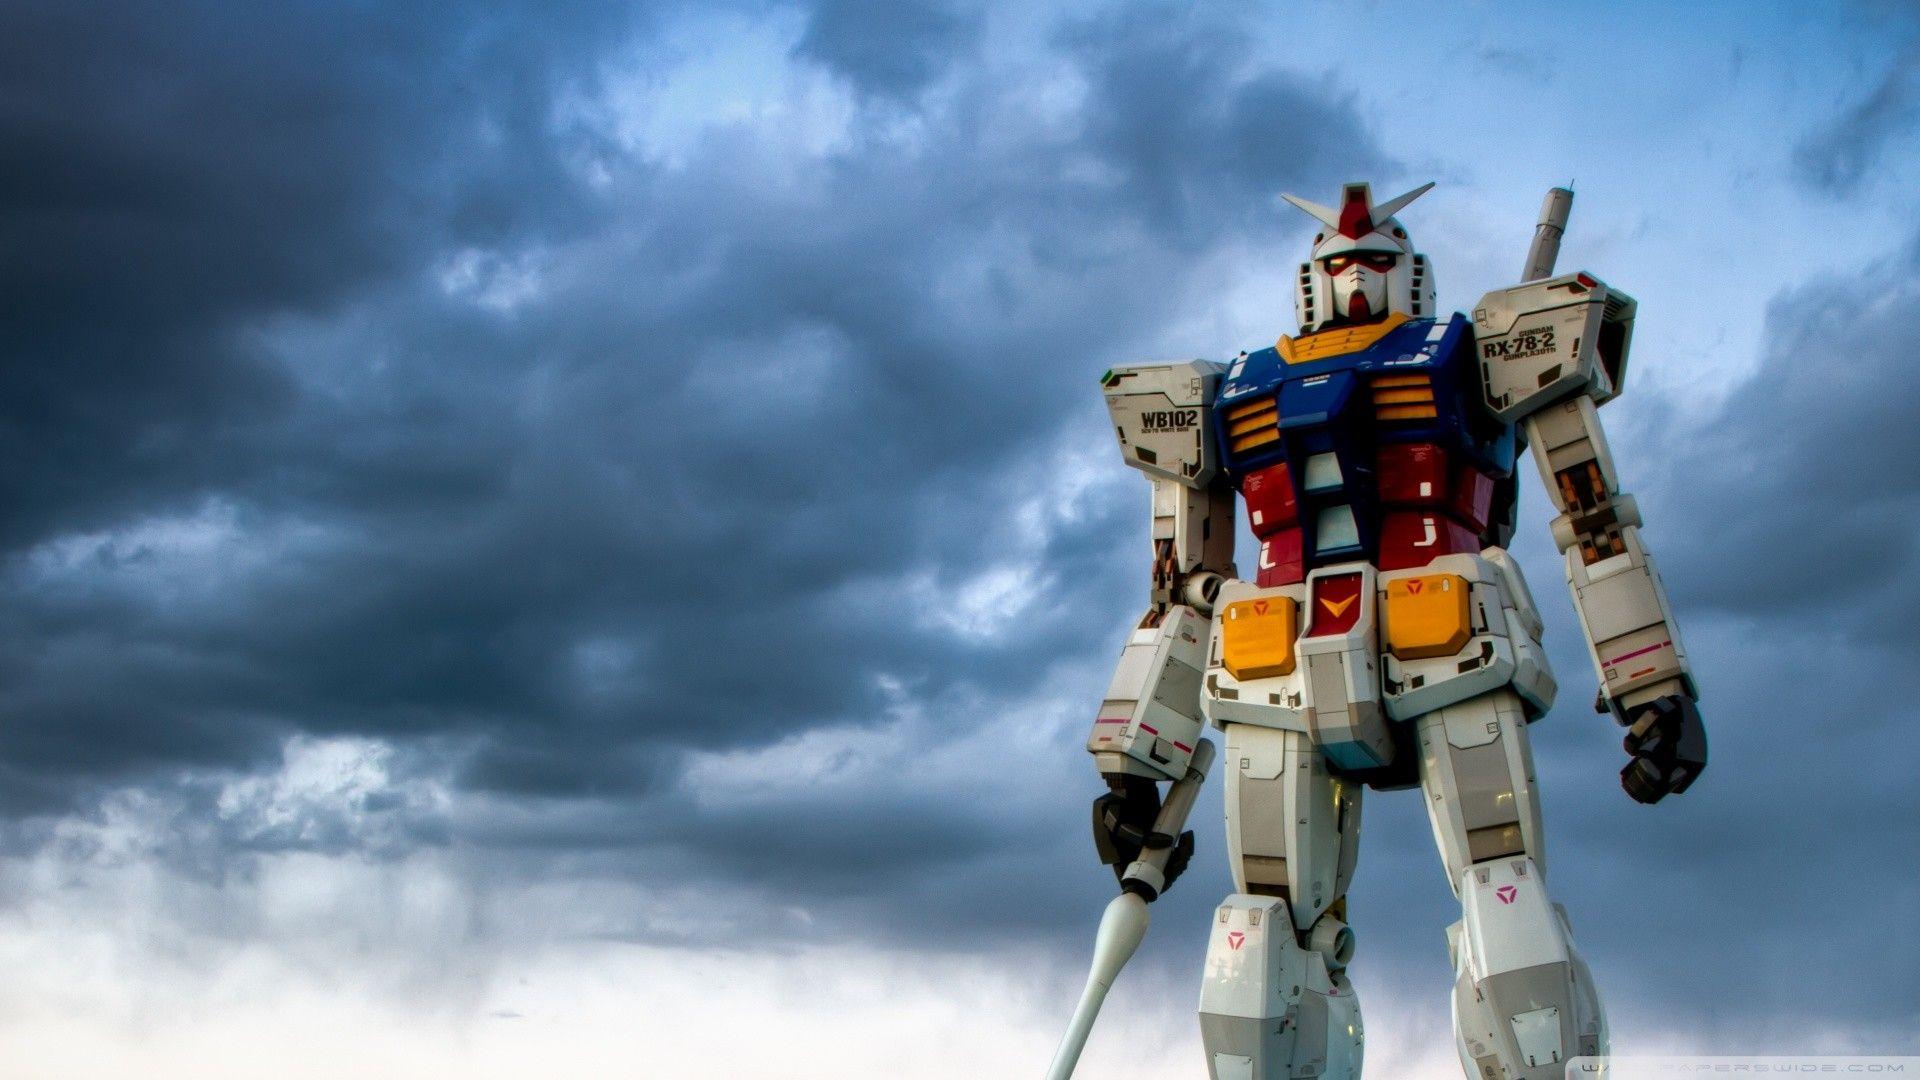 1920x1080 Hd 16 9 Gundam Wallpapers Creative Graphics Gundam